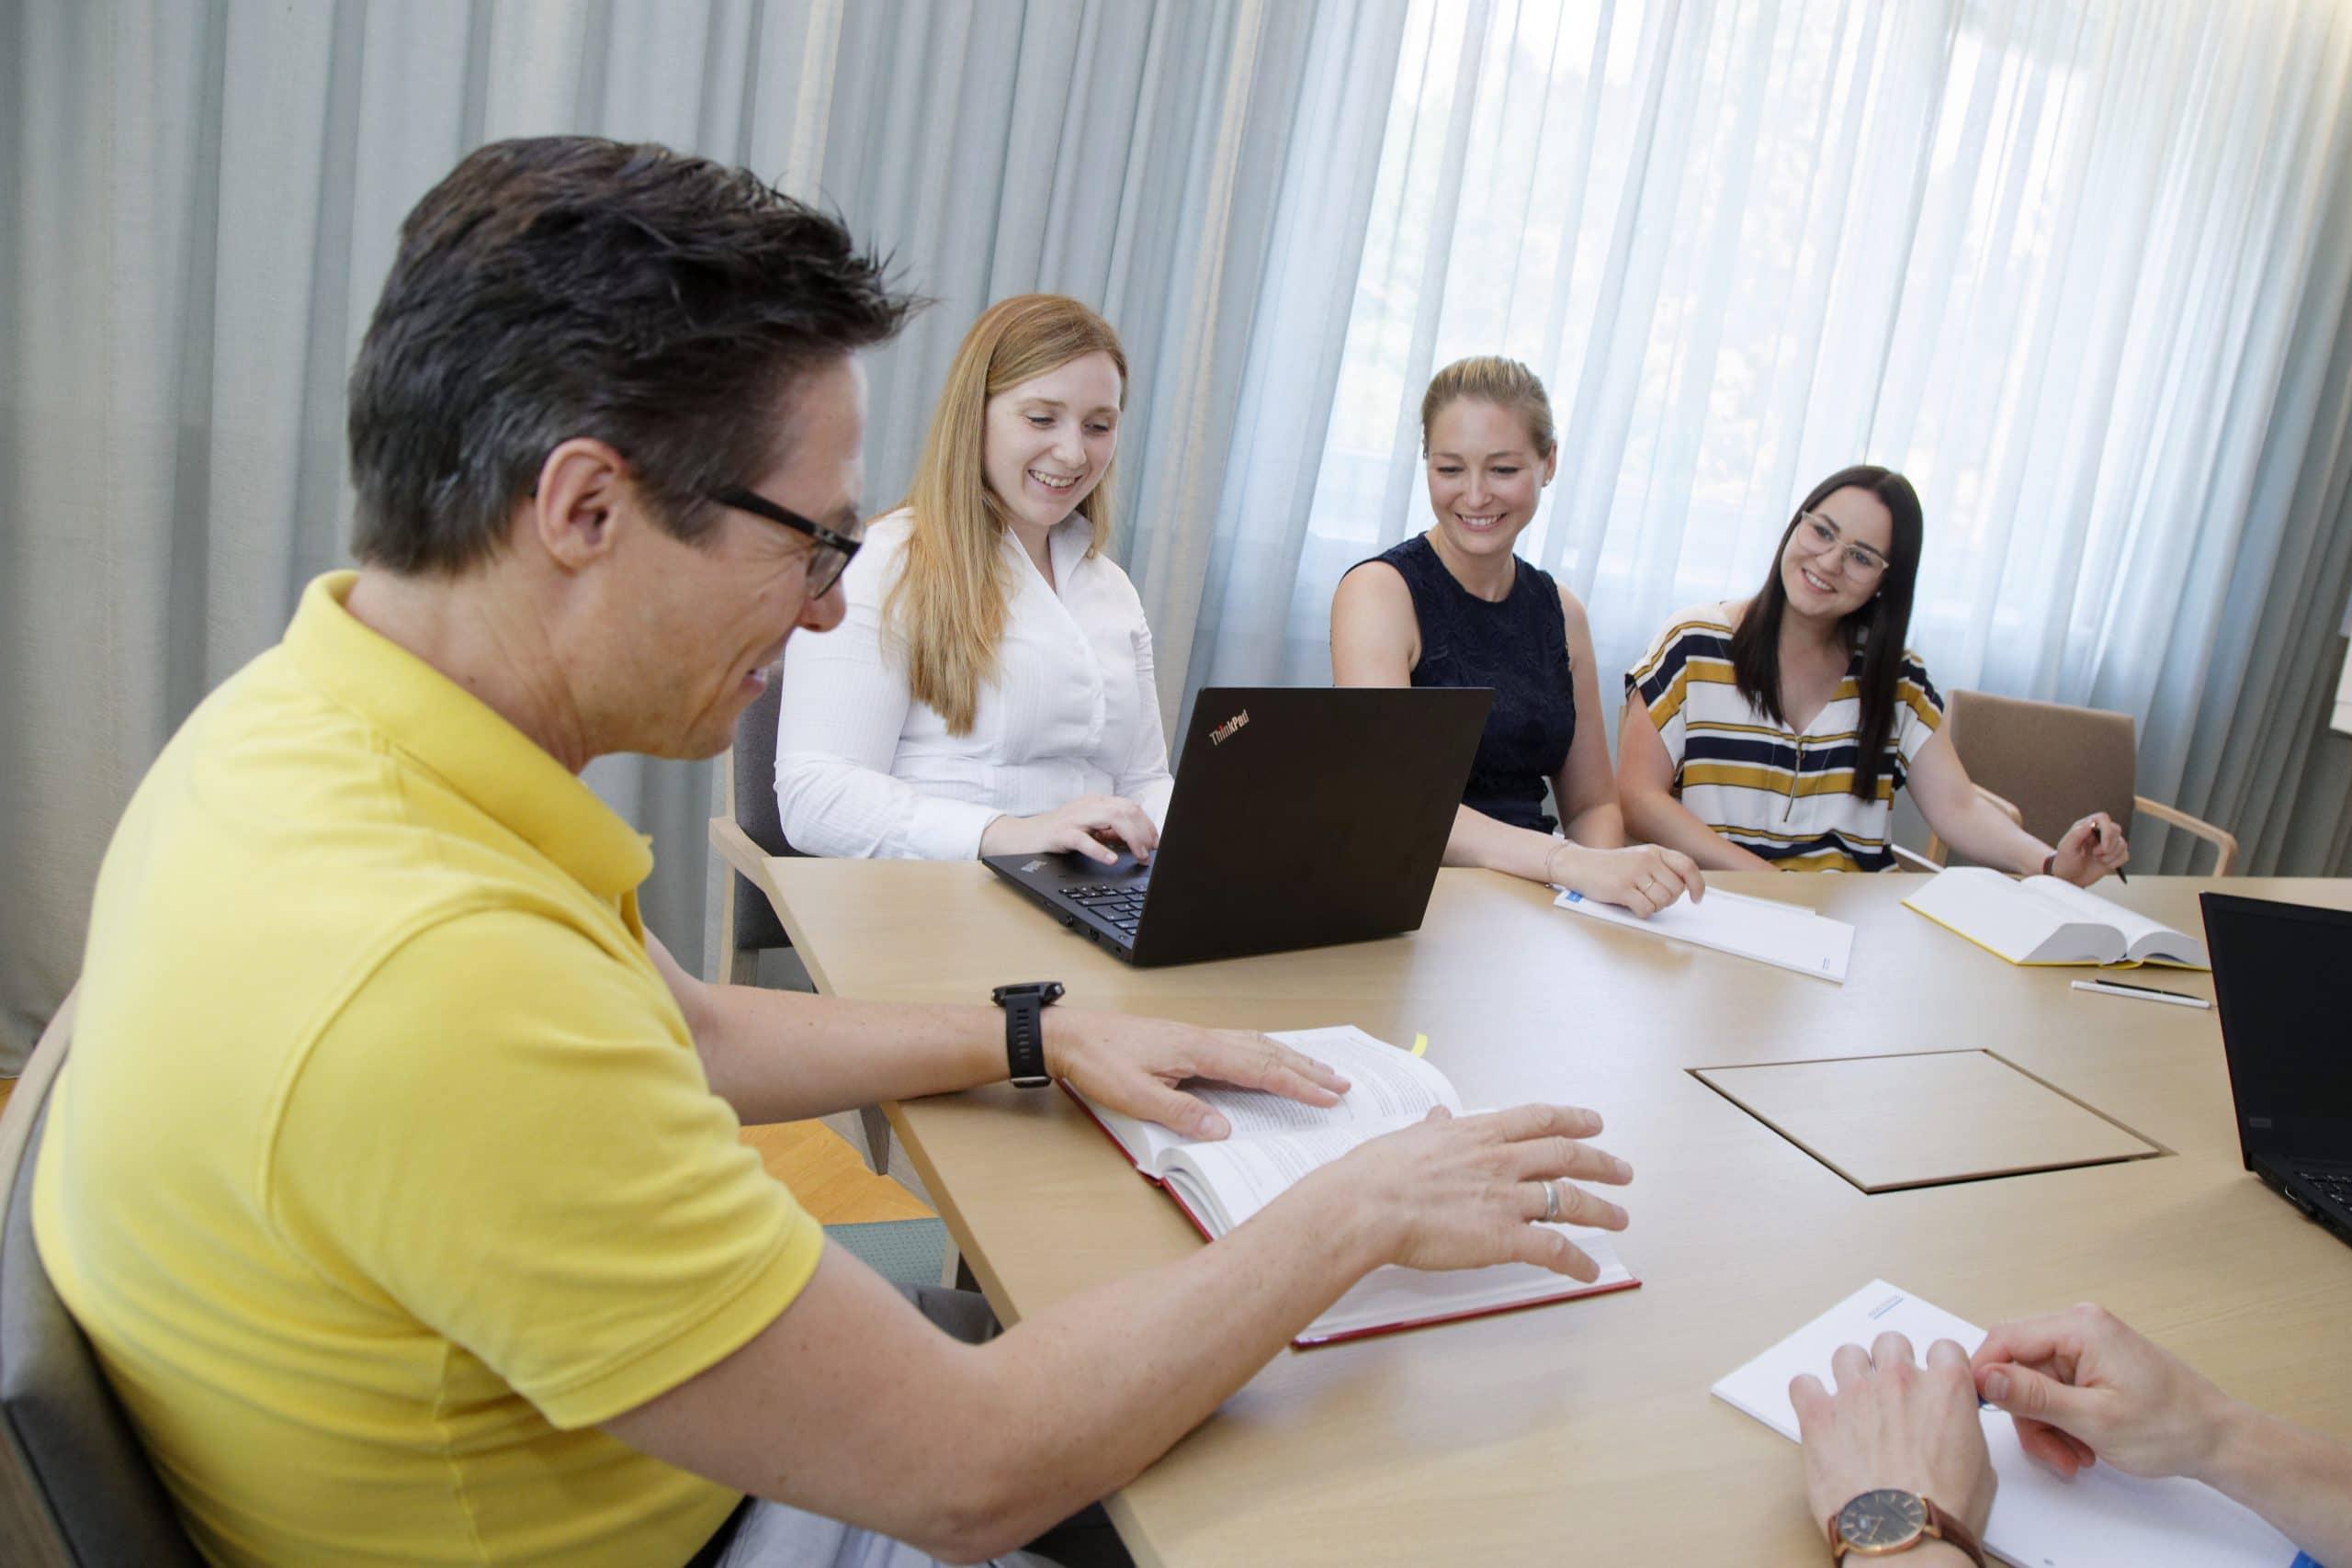 Teammeeting bei BG&P Unternehmensberatung in Graz